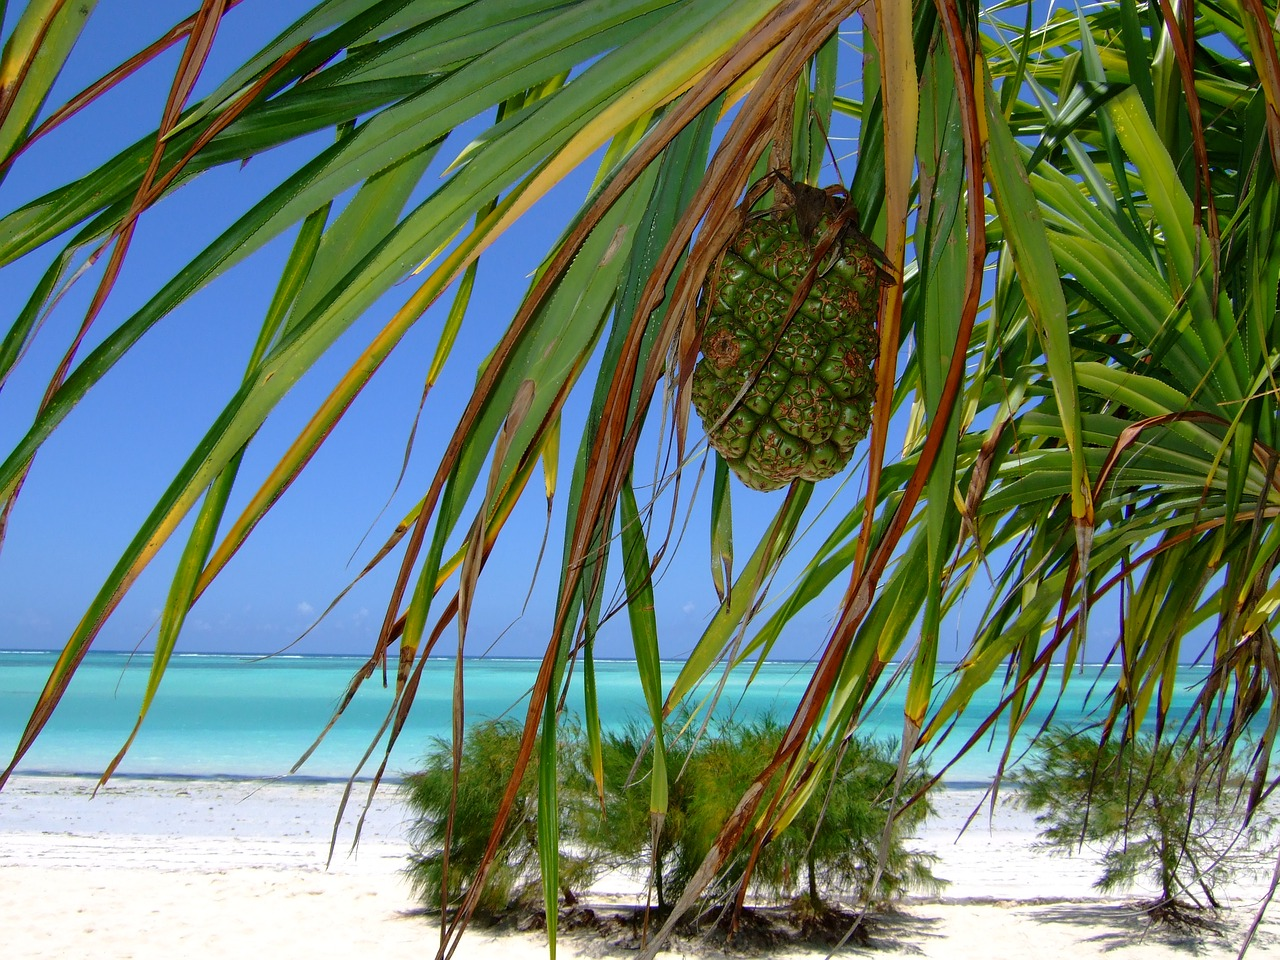 Jak roste takový kokos nebo kakaovník? Jak vypadá pravá vanilka nebo nesklizená skořice? To se dozvíte na Zanzibaru.